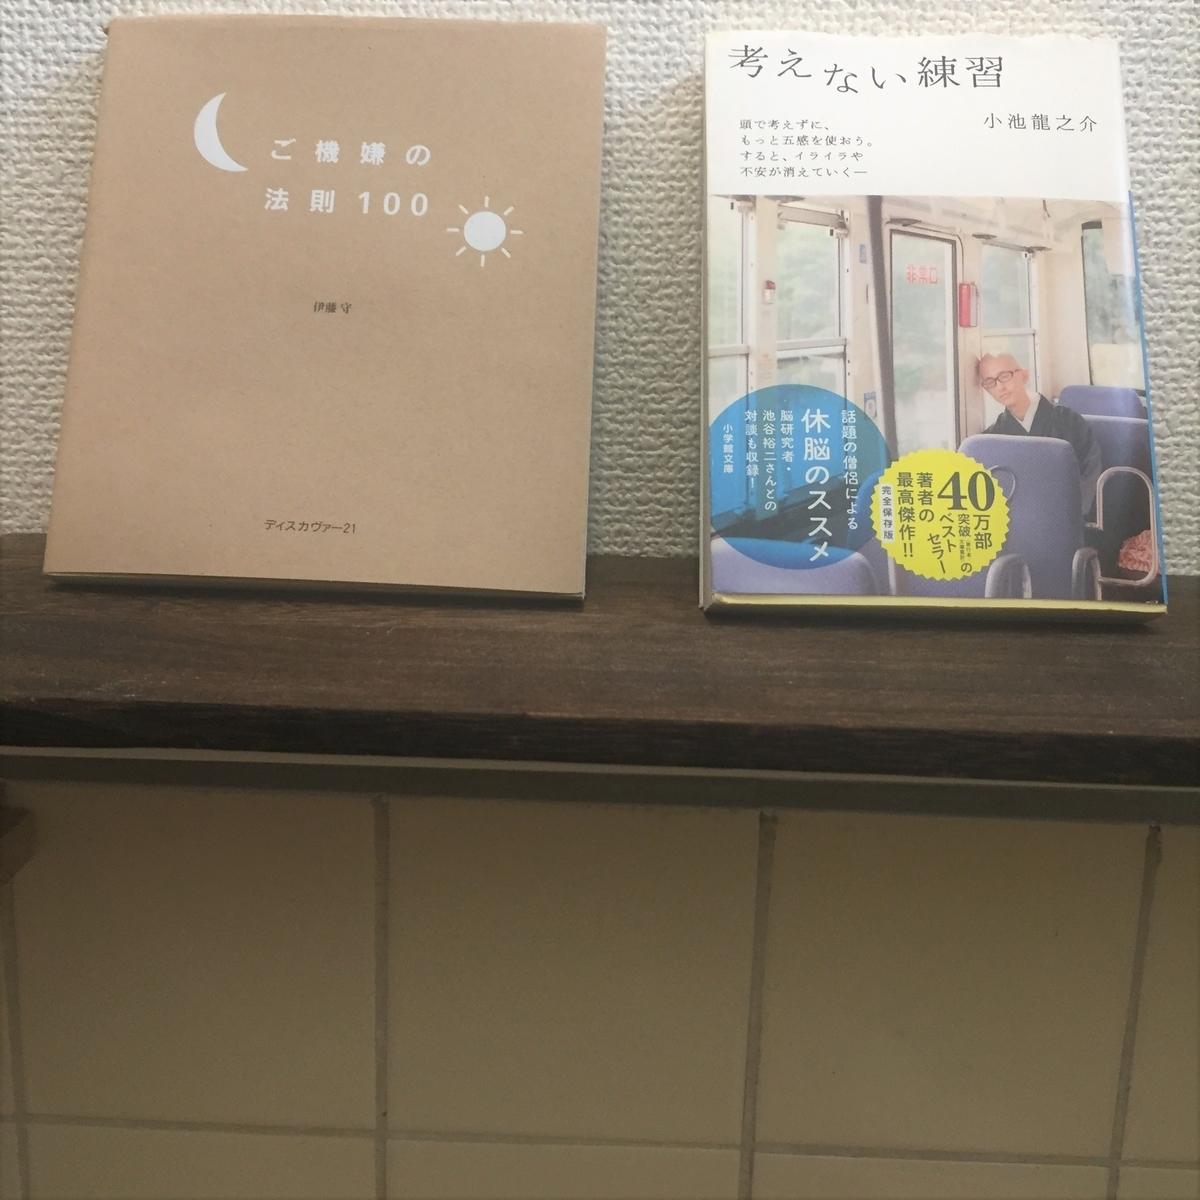 f:id:misumi_ikiinokurasiino:20210514125040j:plain